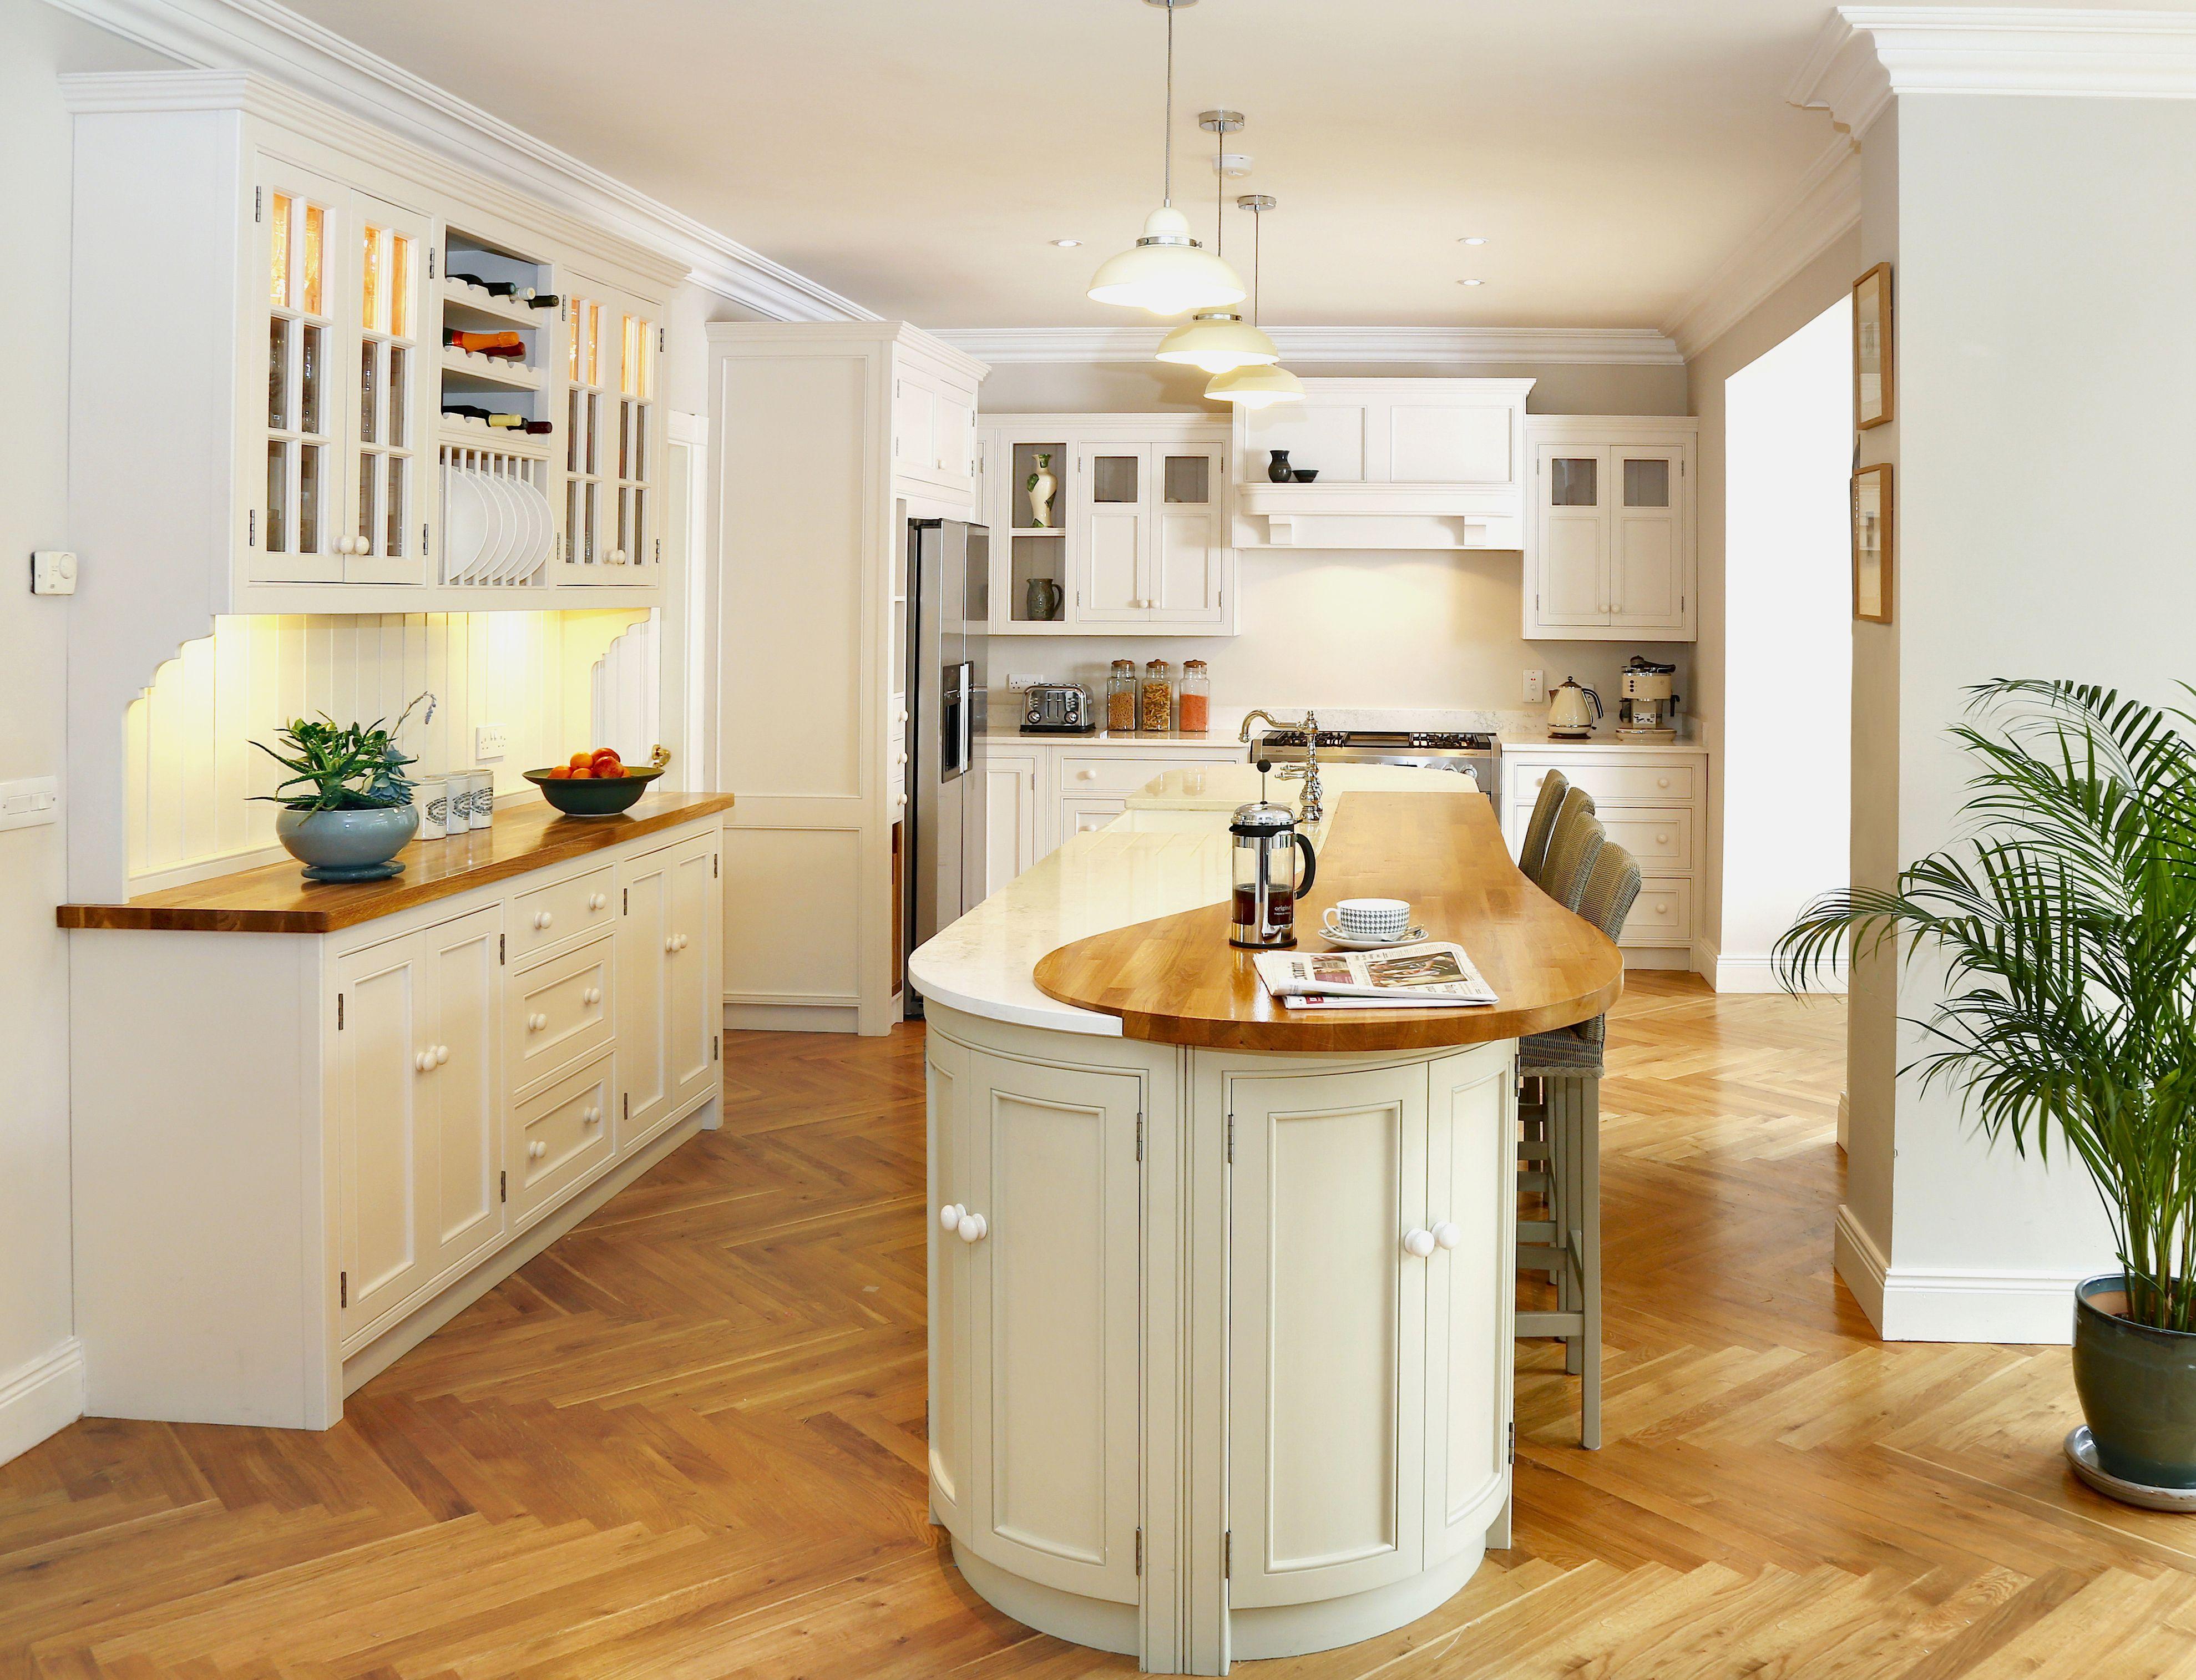 Pin by Linehan's Design on Linehans Design / Kitchens